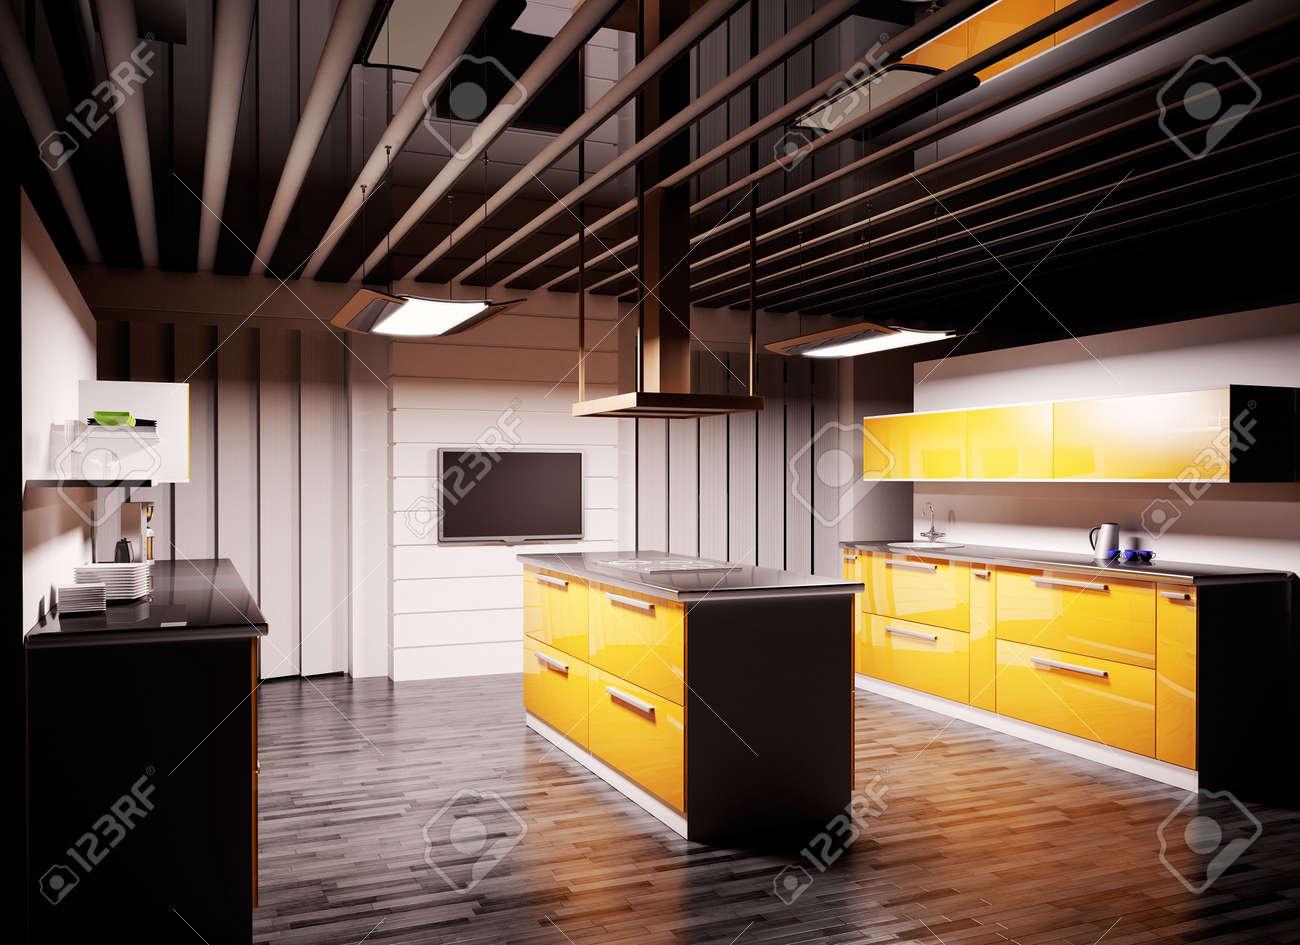 Interior of modern kitchen 3d render Stock Photo - 5873199